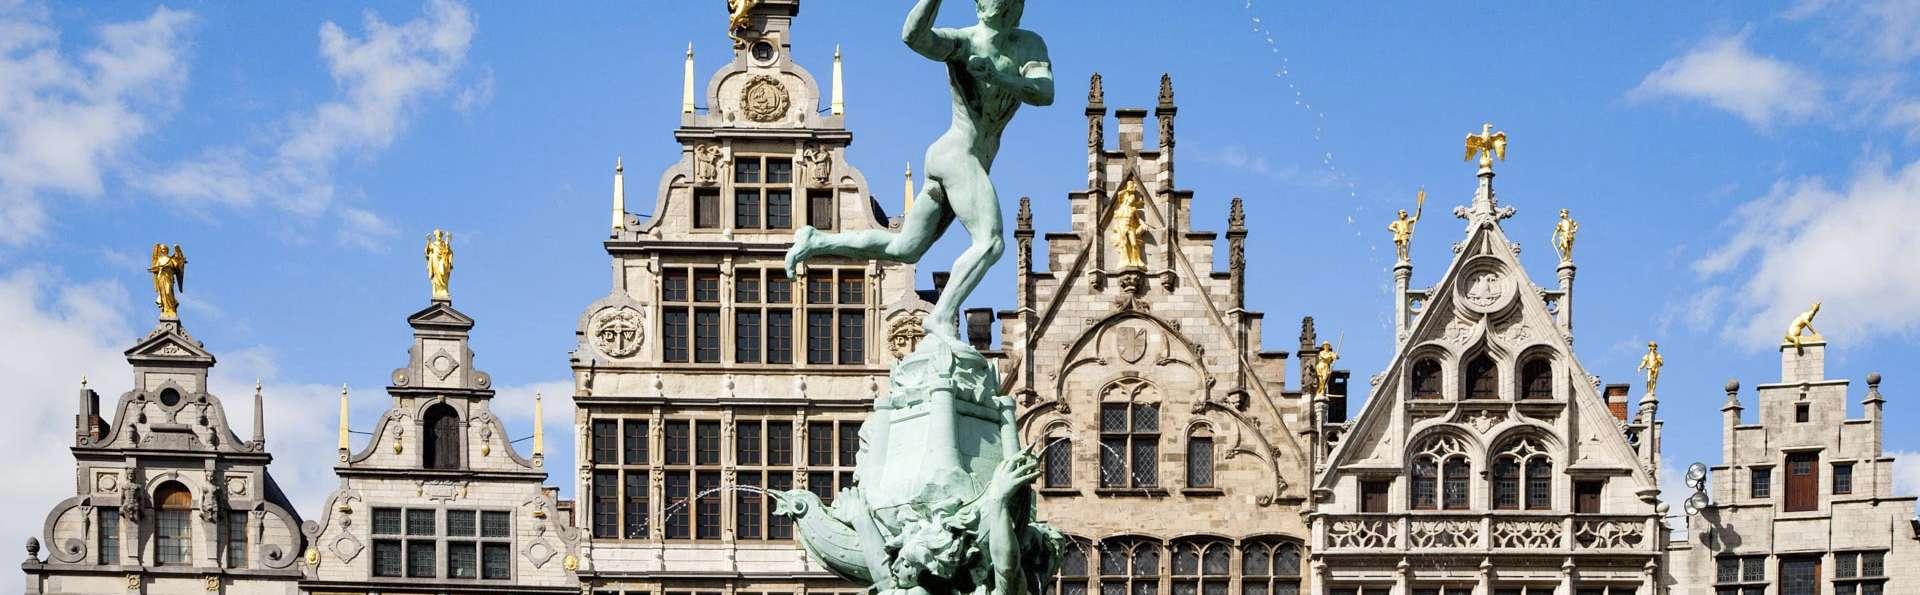 Visitez la ville animée d'Anvers